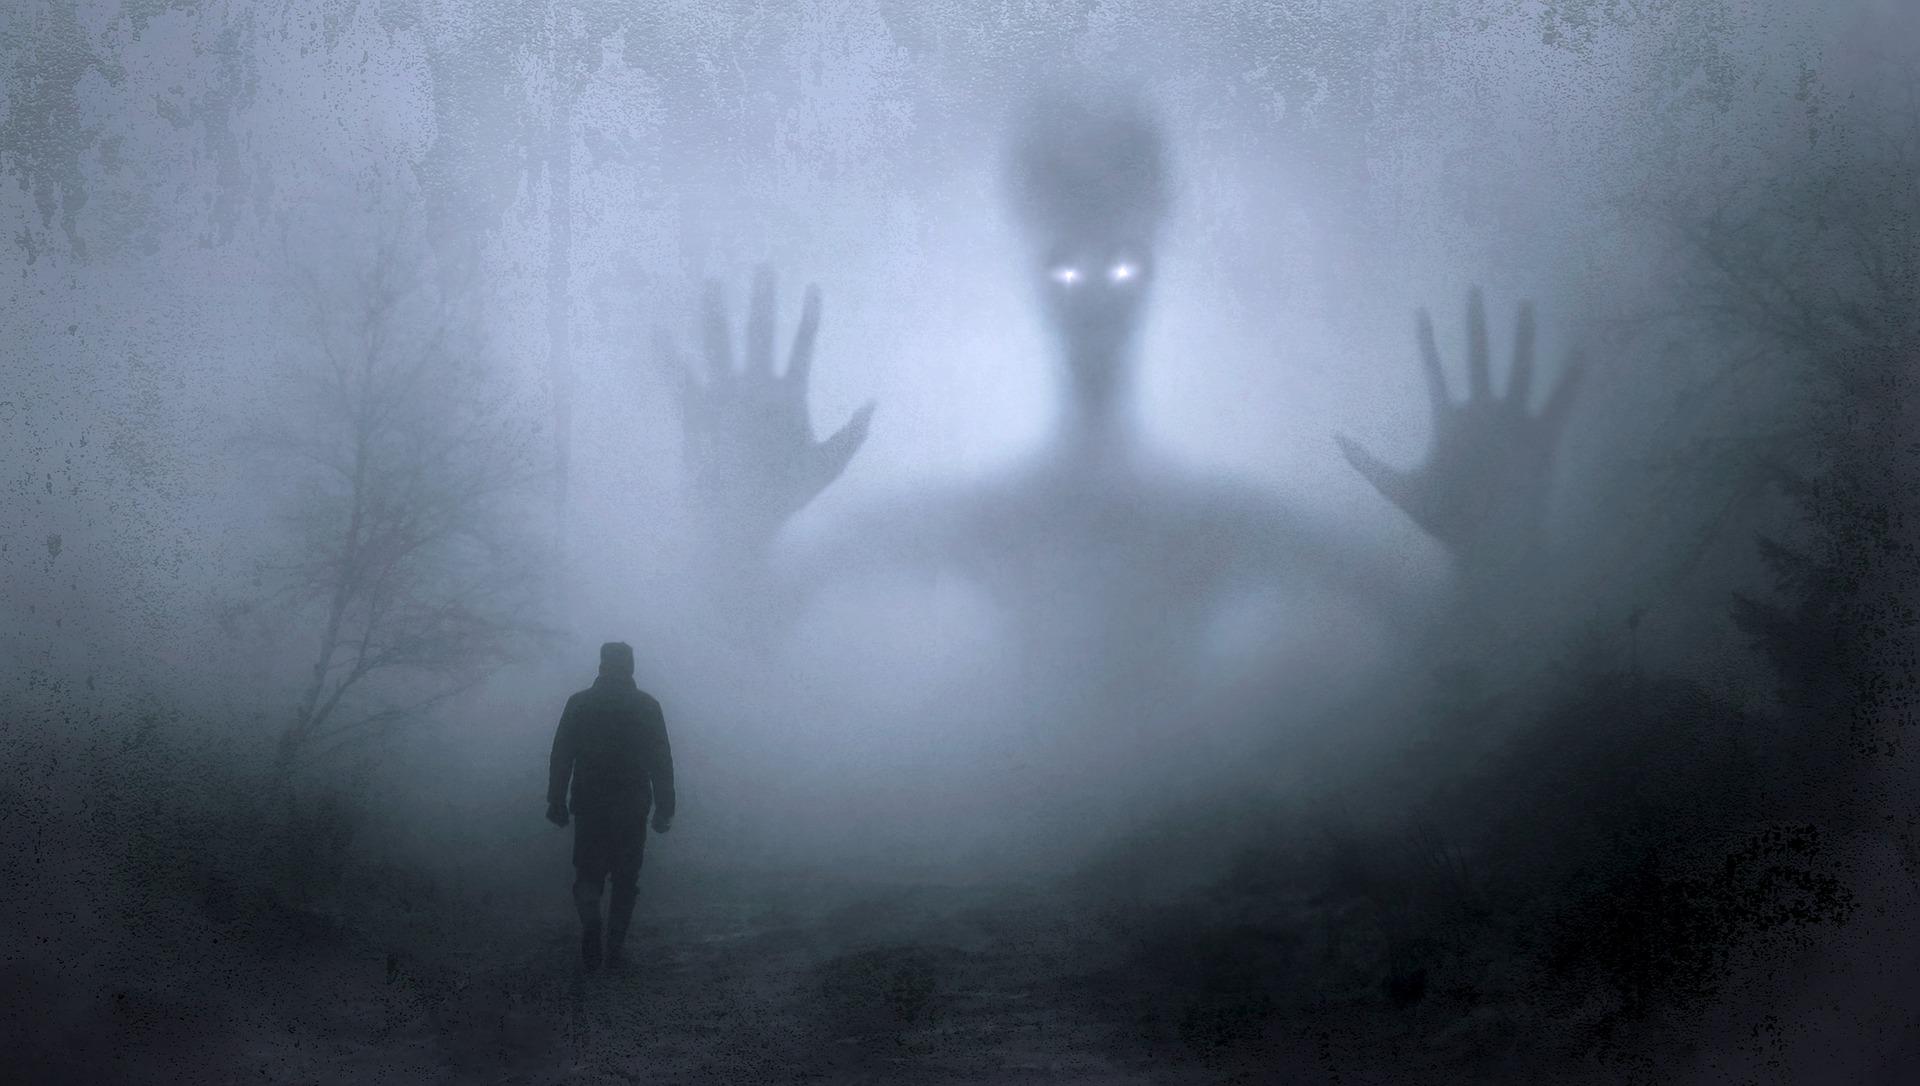 evil spirit in the dark